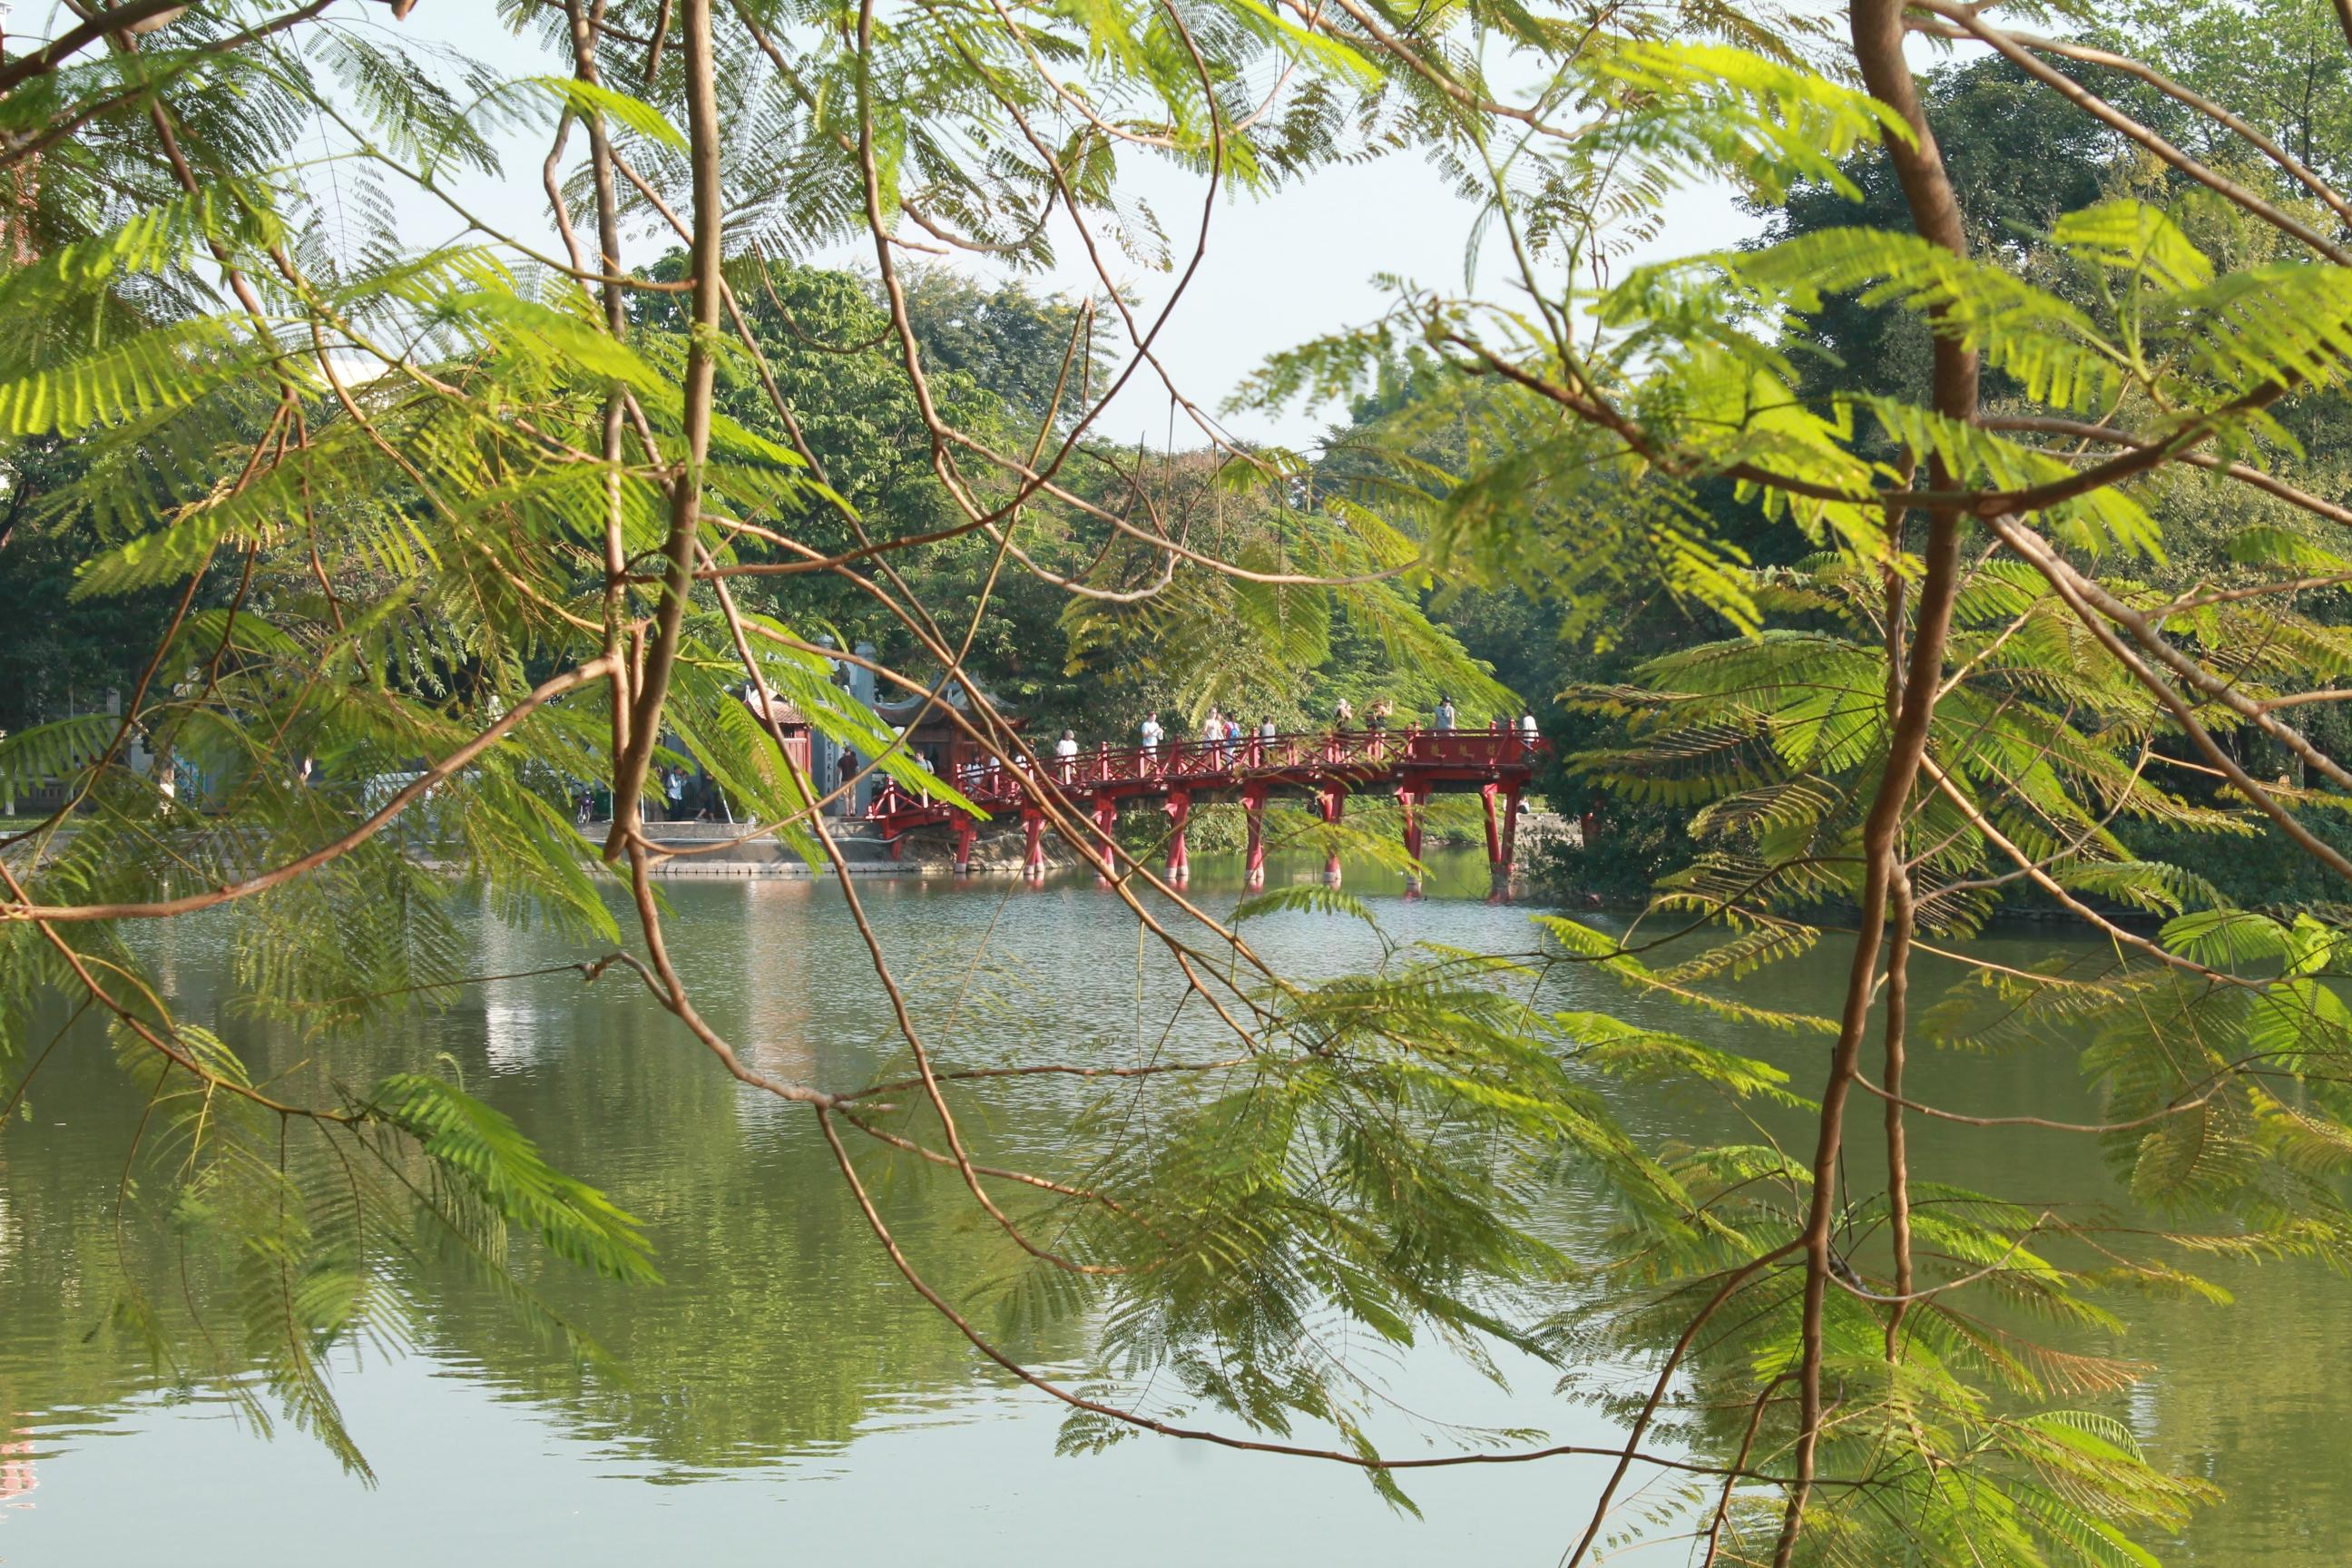 massage-tao-31 fr forest